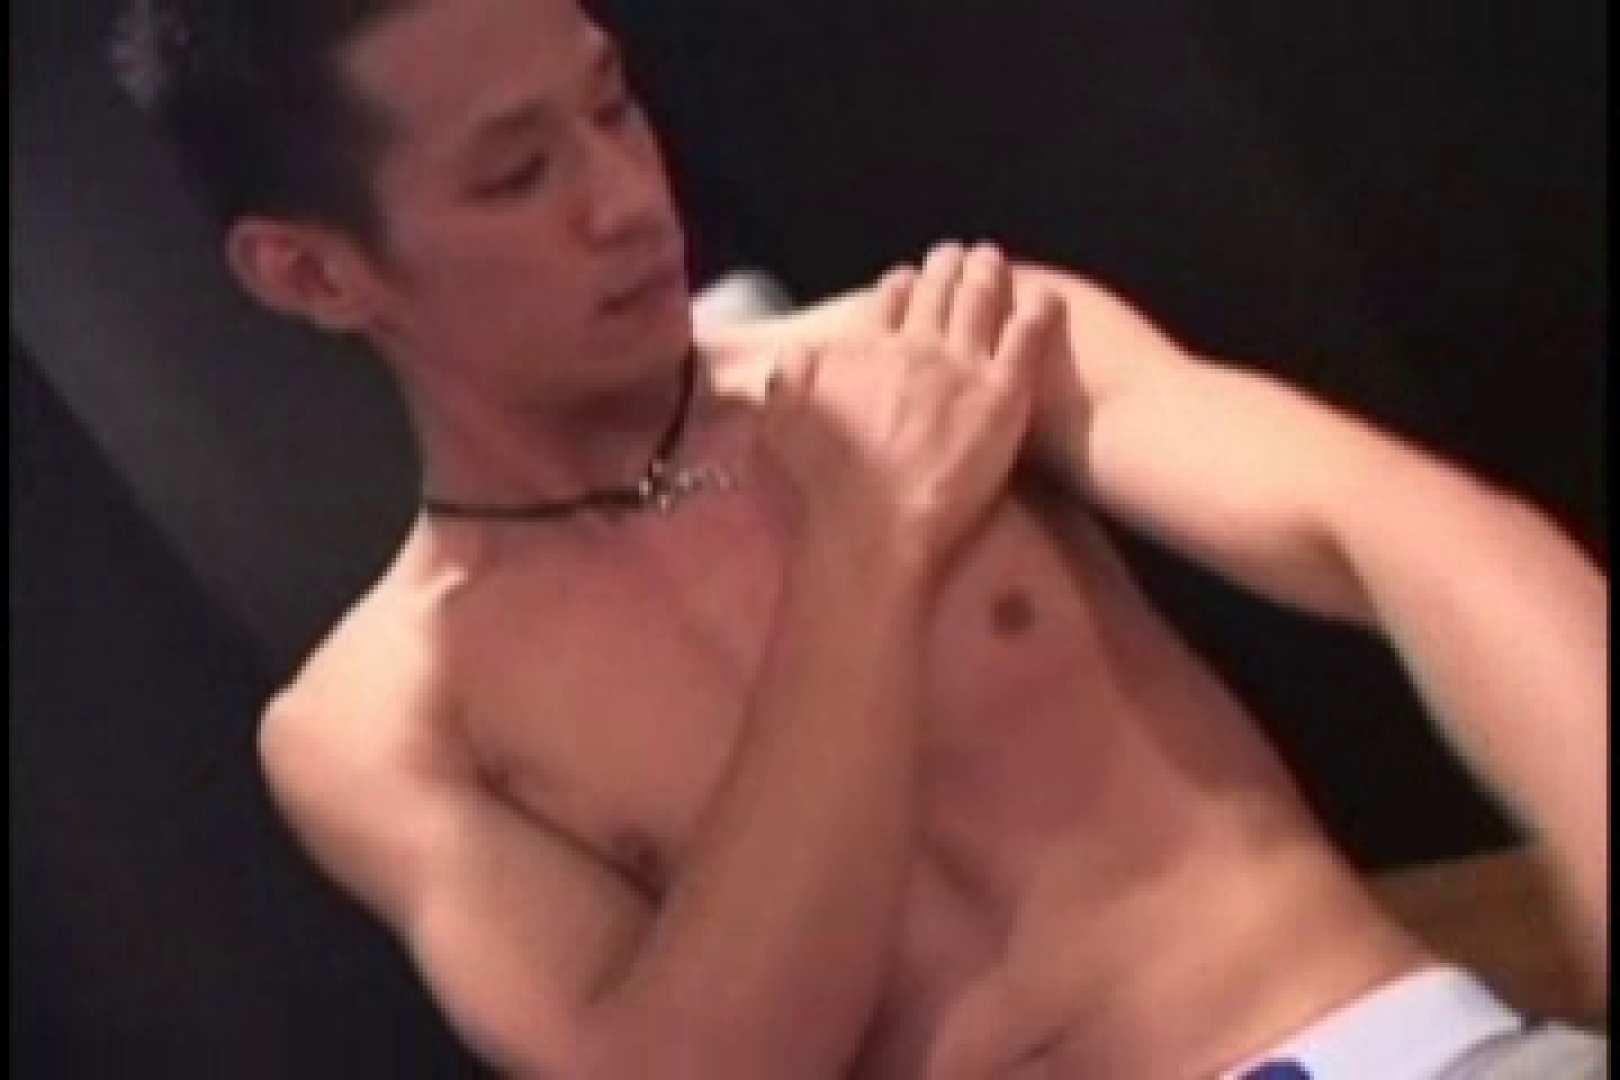 スリ筋!!スポメンのDANKON最高!!take.01 スポーツマン  101pic 61